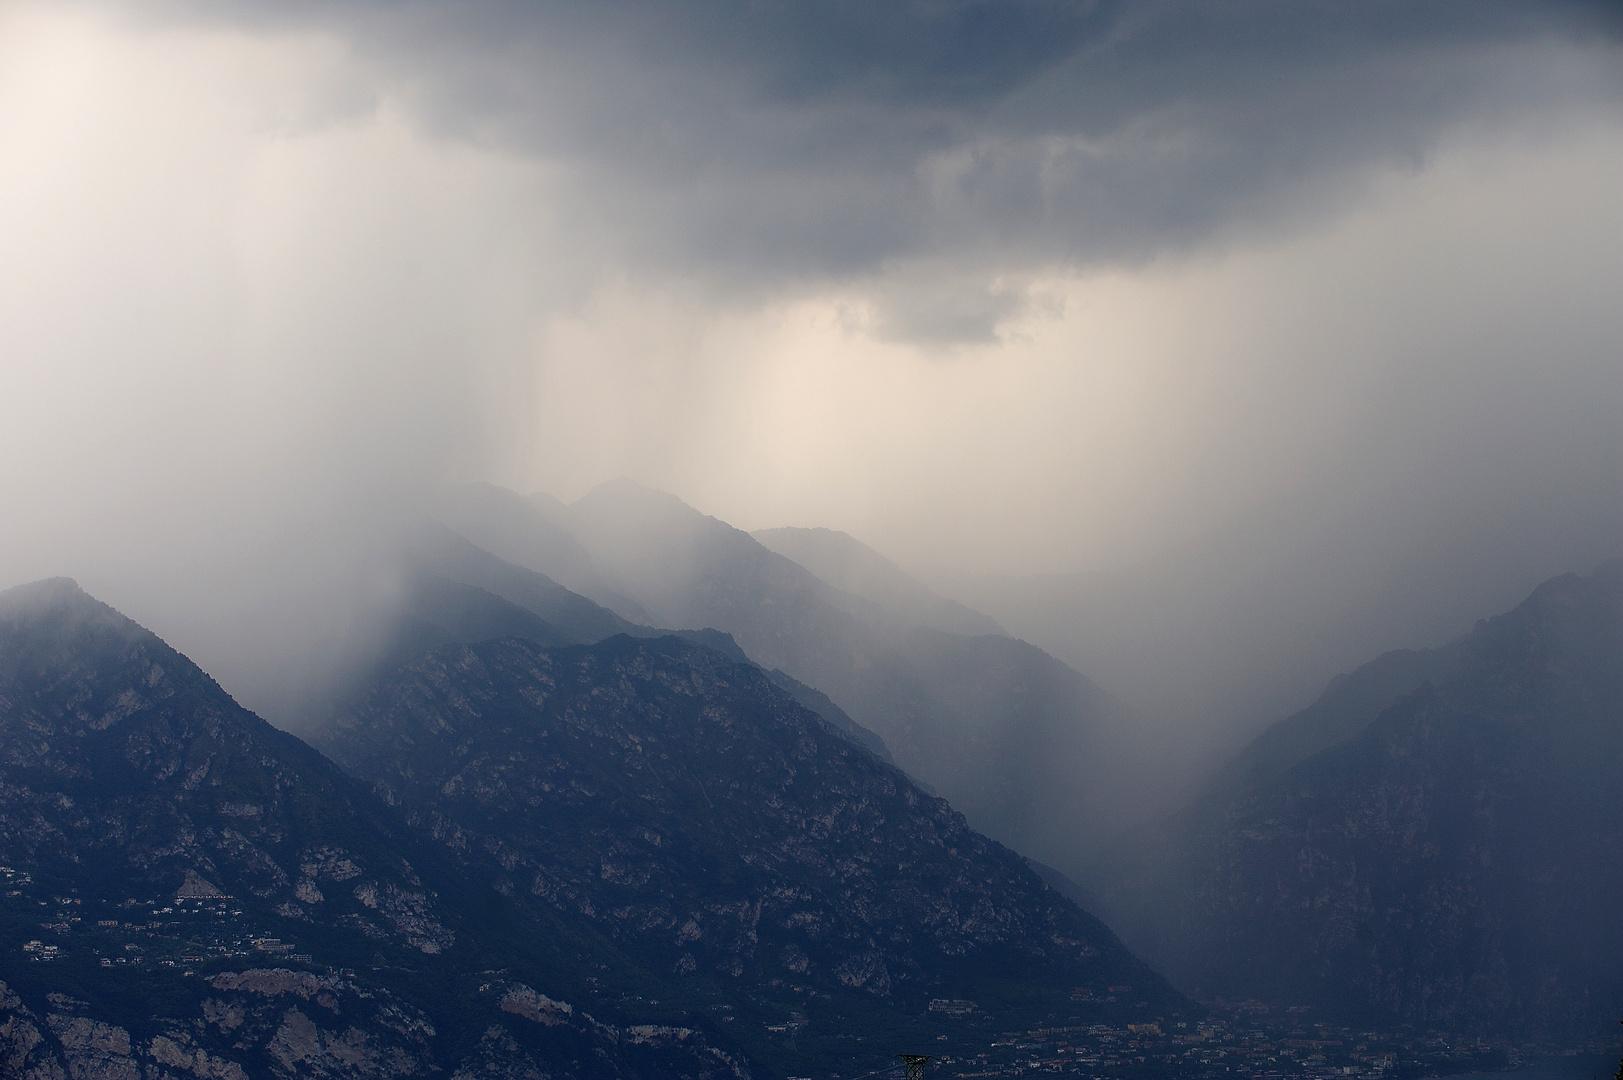 thunder, lightning or rain